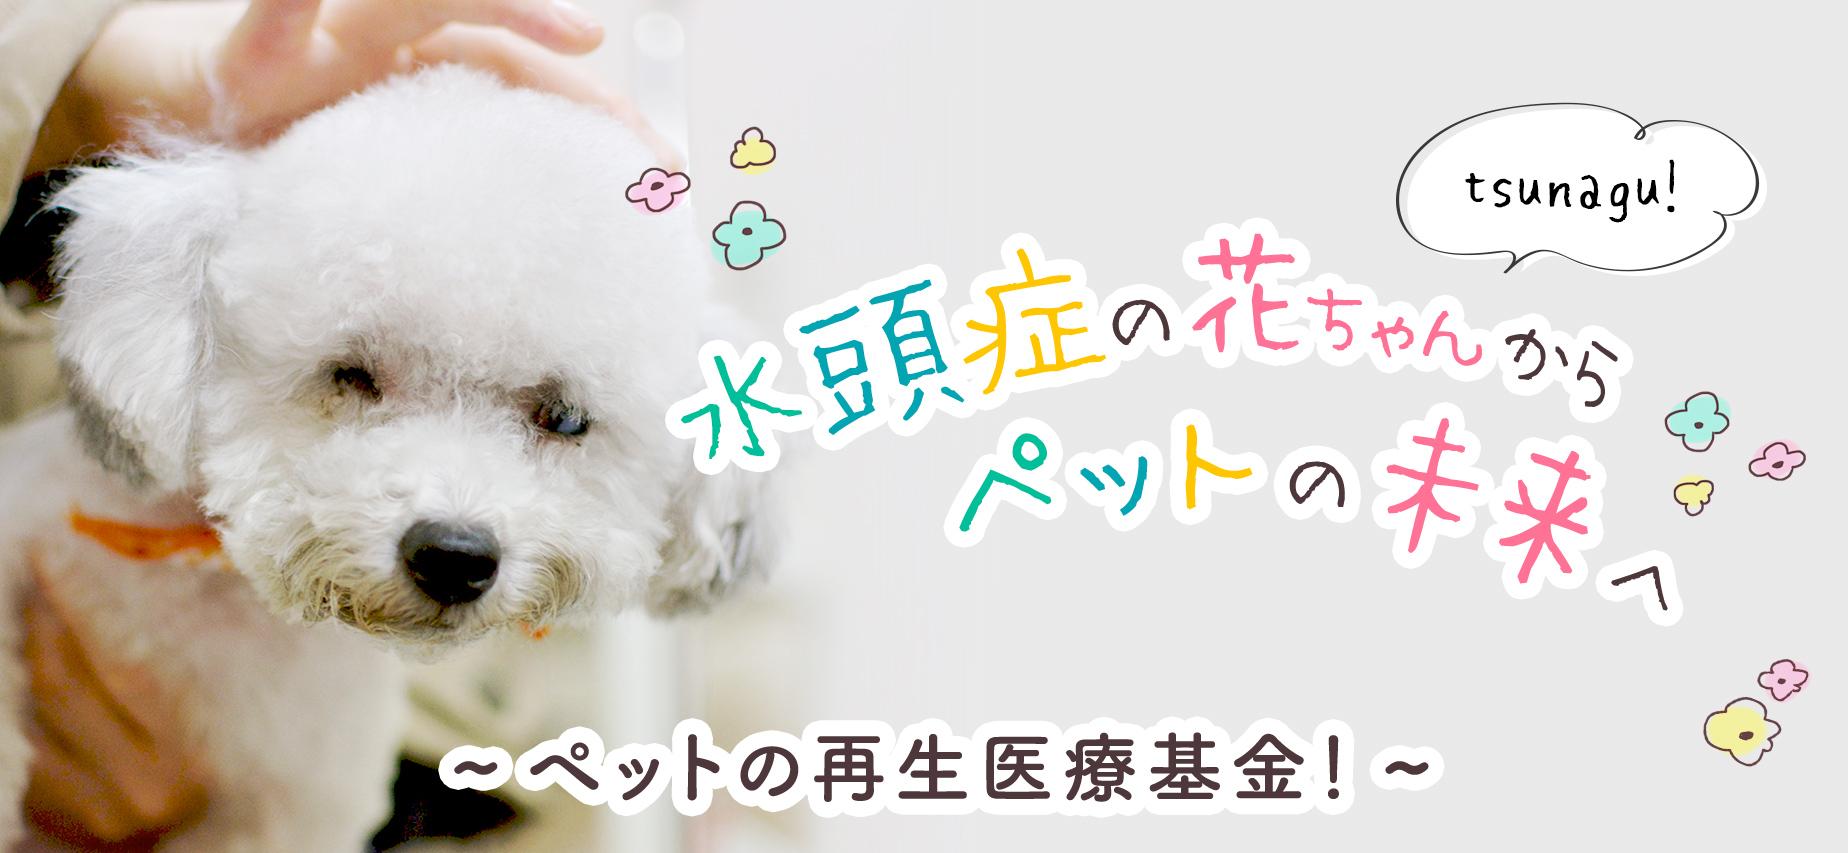 水頭症の花ちゃんからペットの未来へtsunagu!〜ペットの再生医療基金!〜